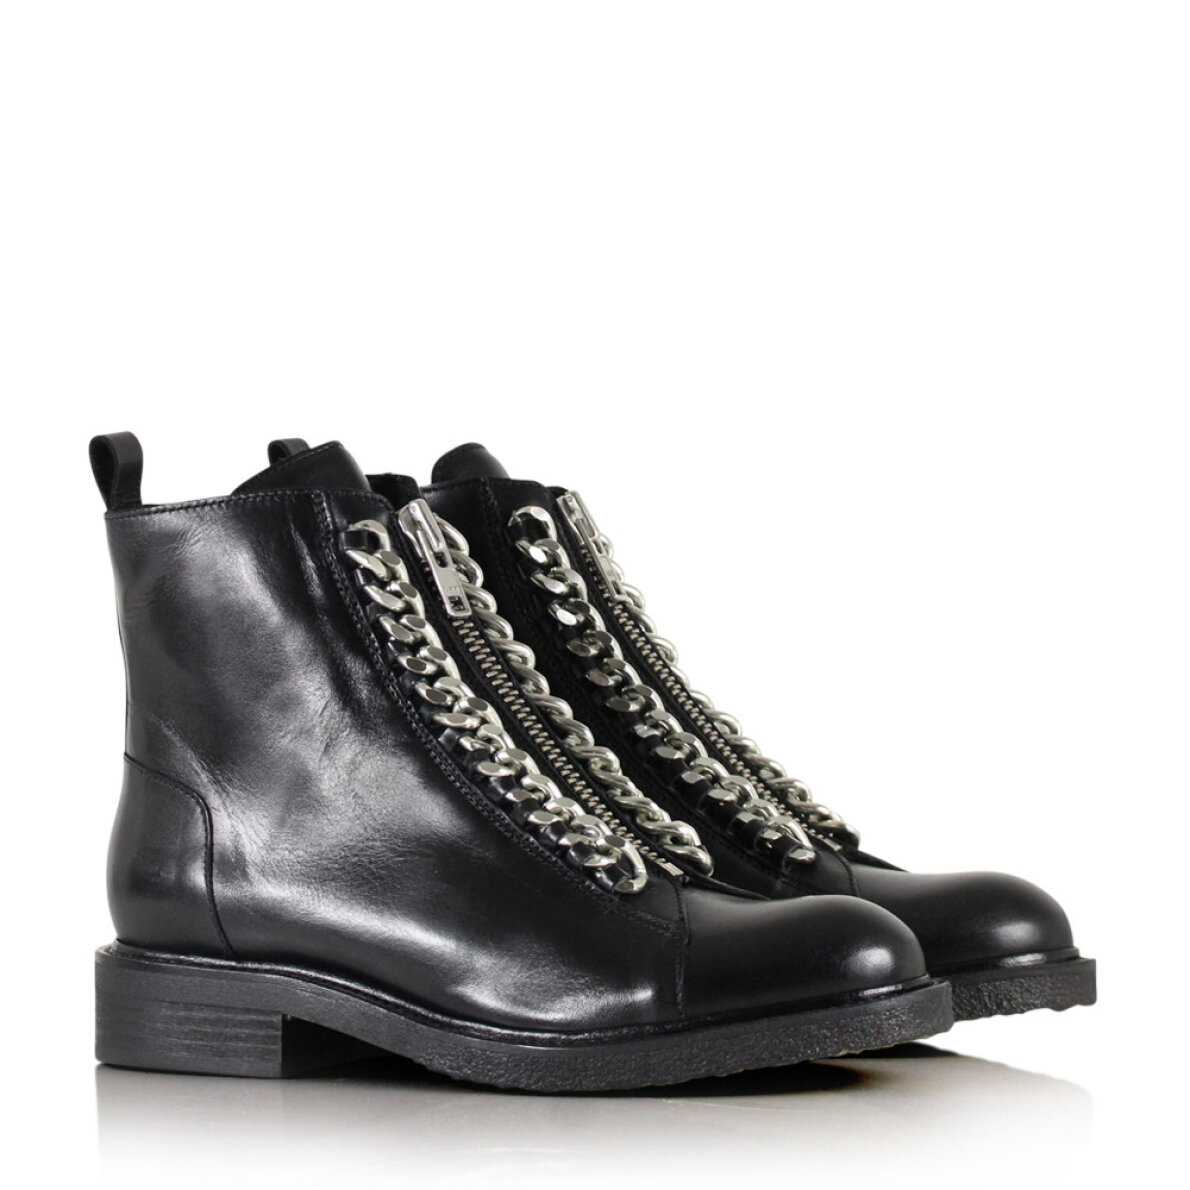 PIEDI Billi Bi 7428 Sort Damestøvle med Sølvfarvet Kæde